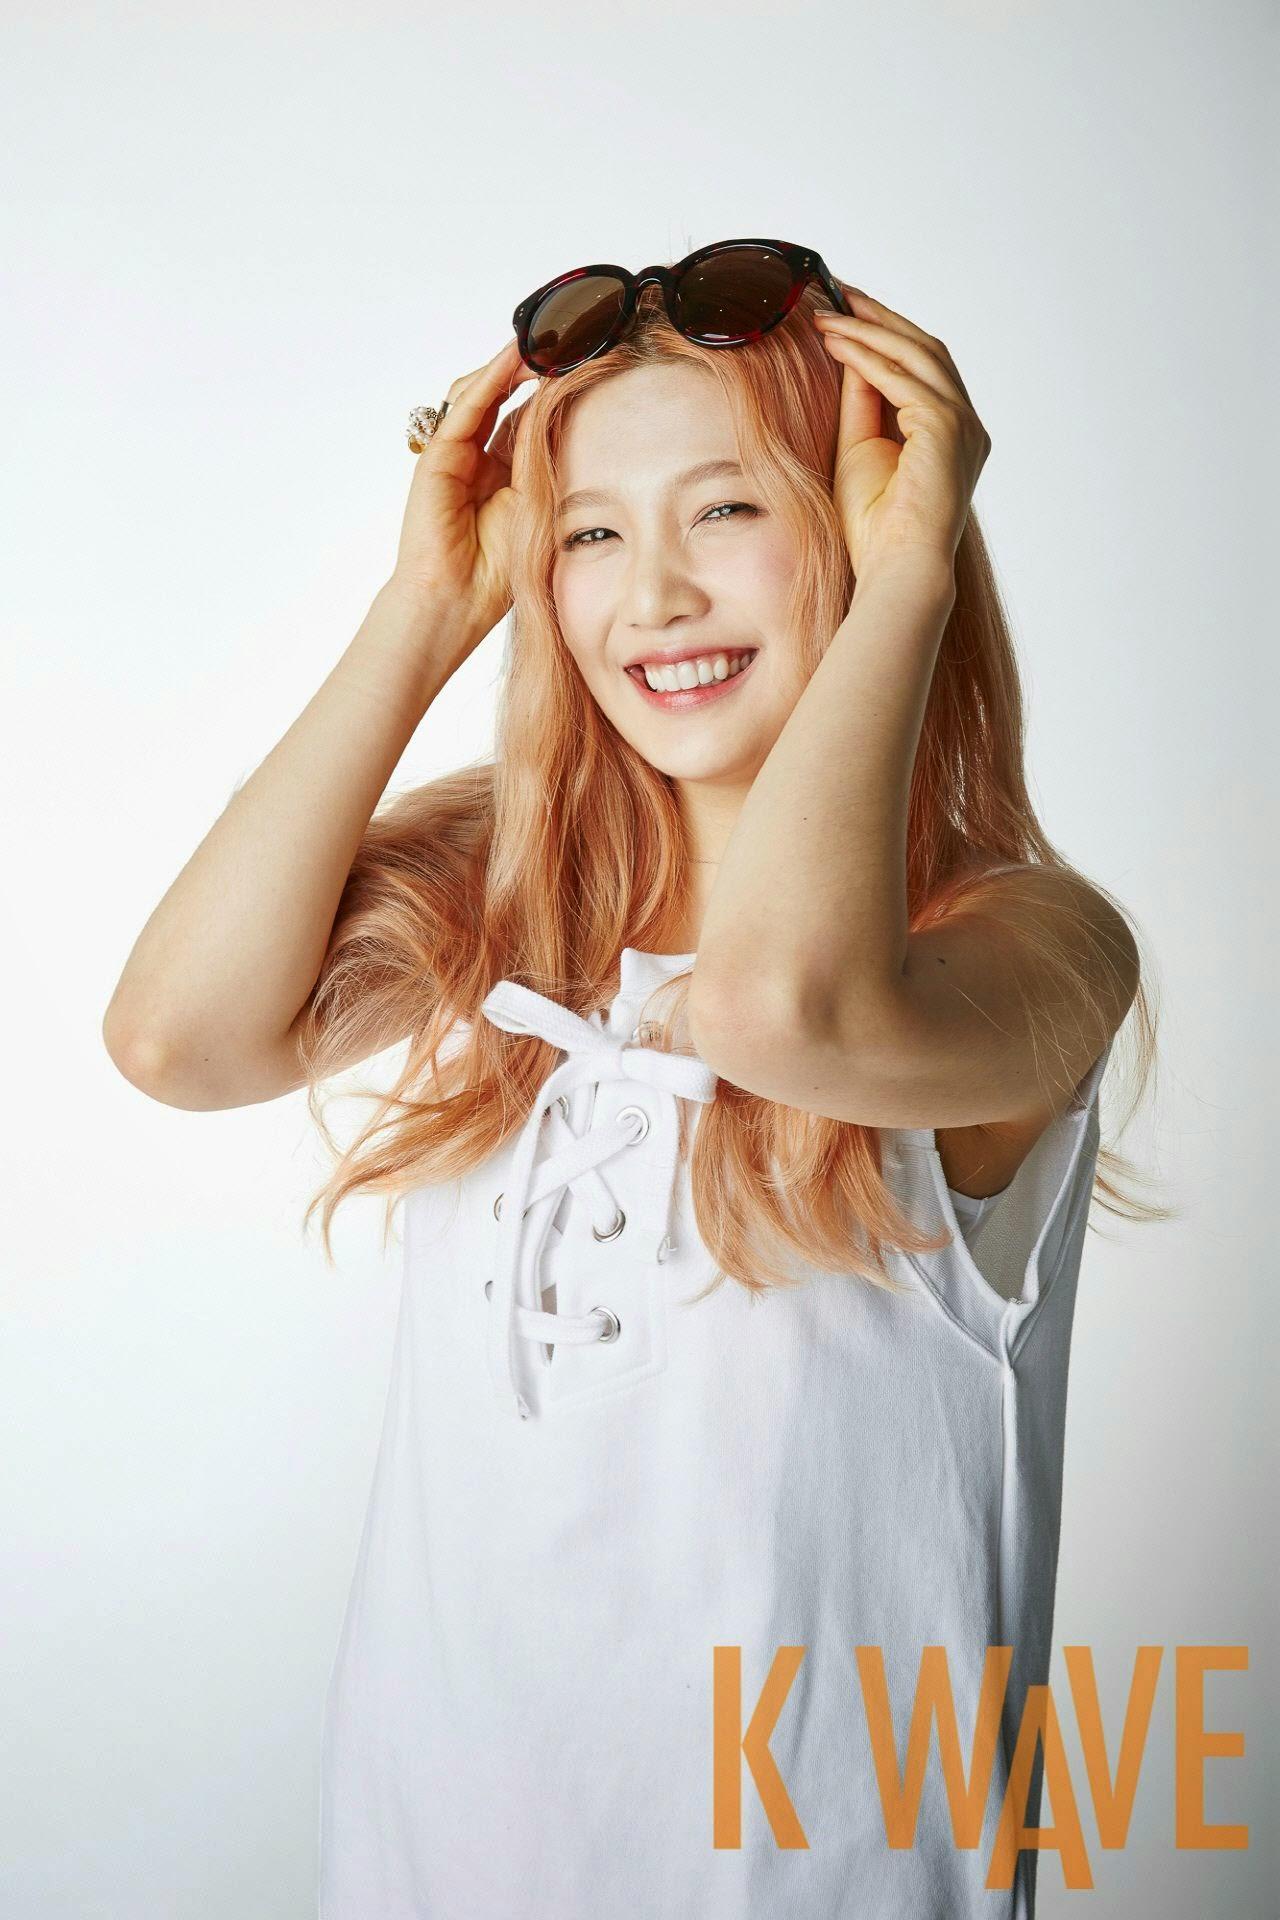 Joy Red Velvet Kwave May 2015